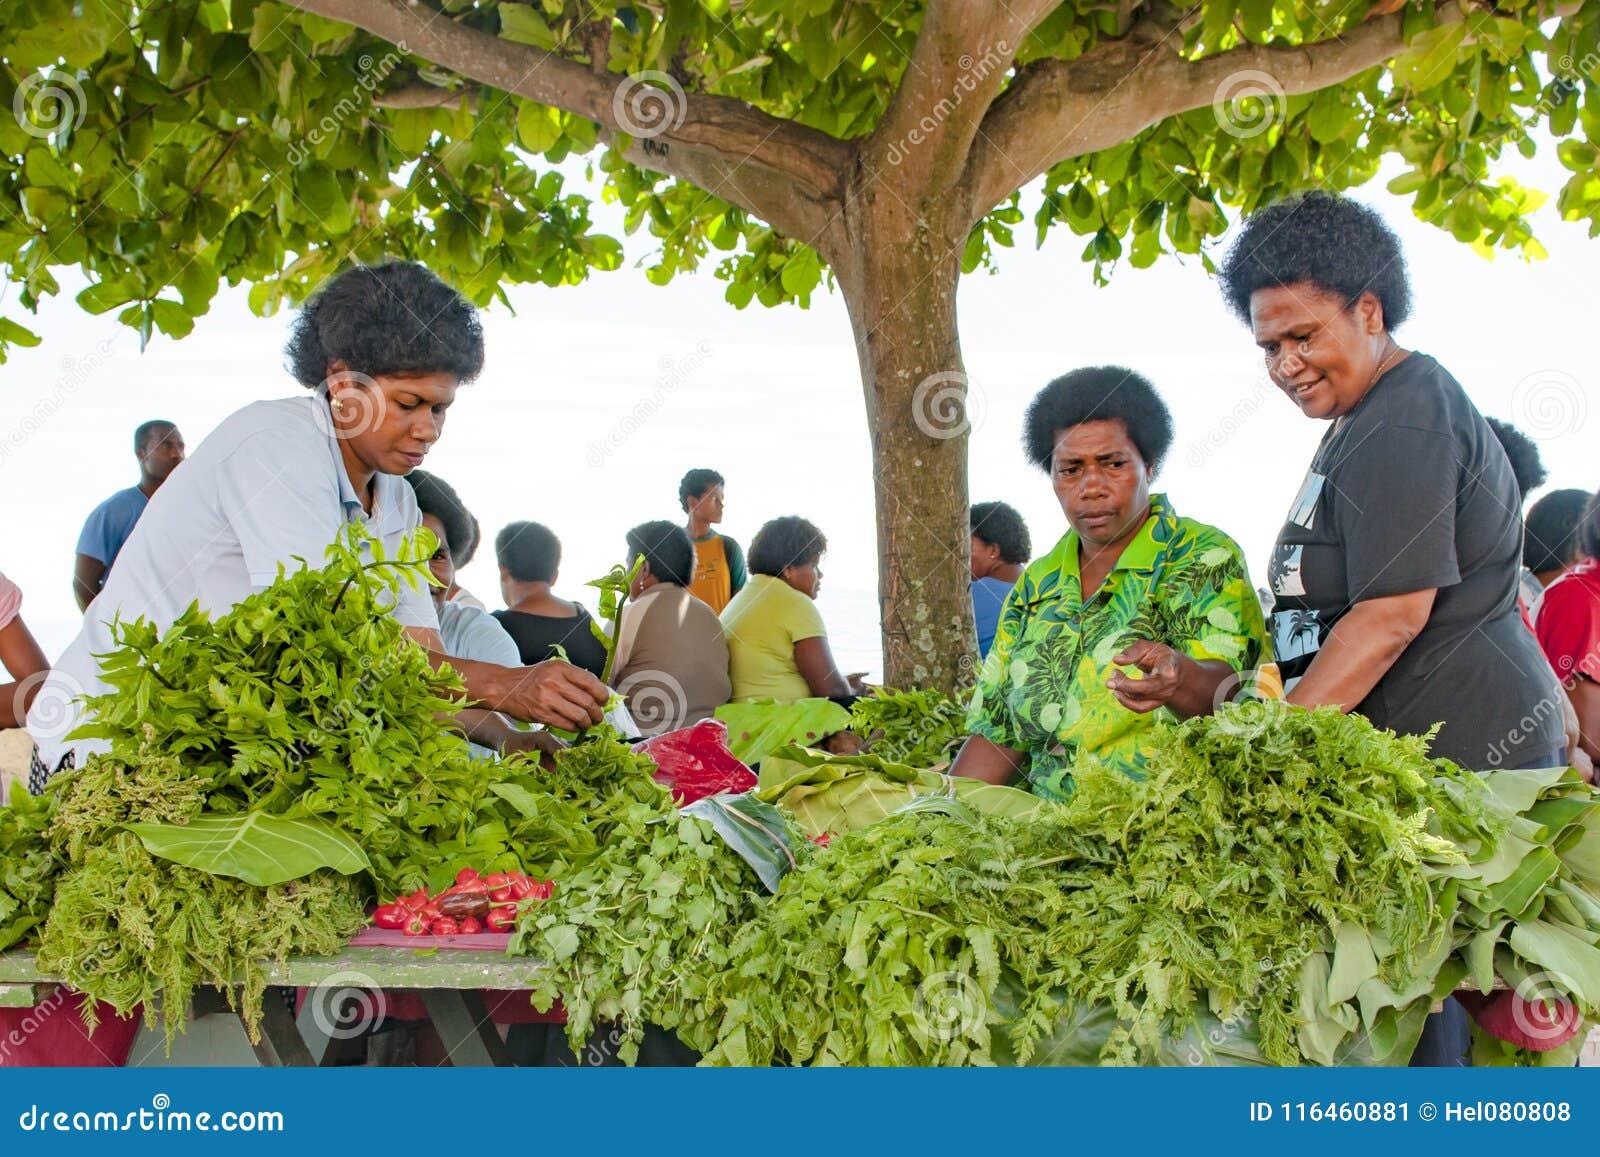 Frischer grüner Salat und Gemüse im Schatten von Blättern eines Baums auf tropischem Markt auf Insel im Pazifischen Ozean